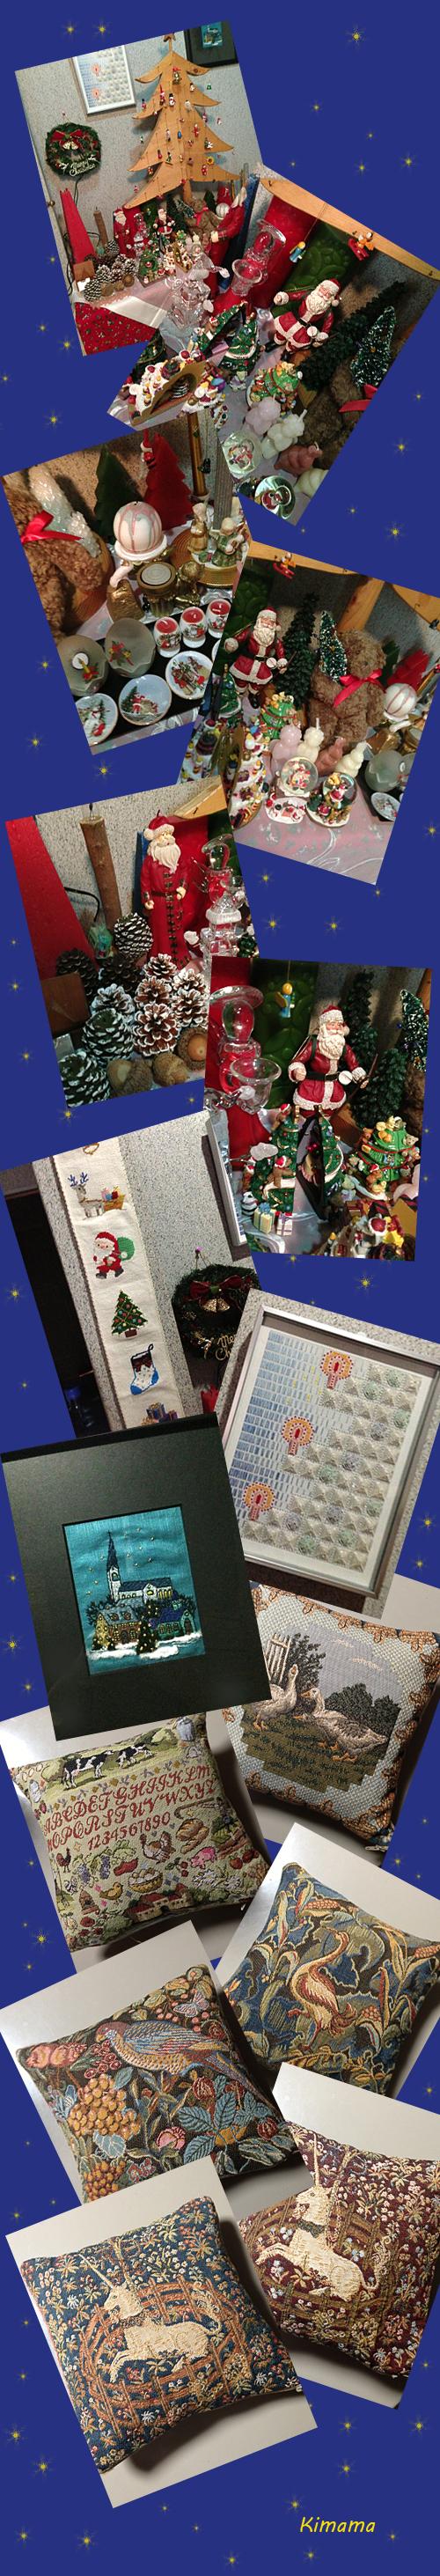 12月2日クリスマス飾り2